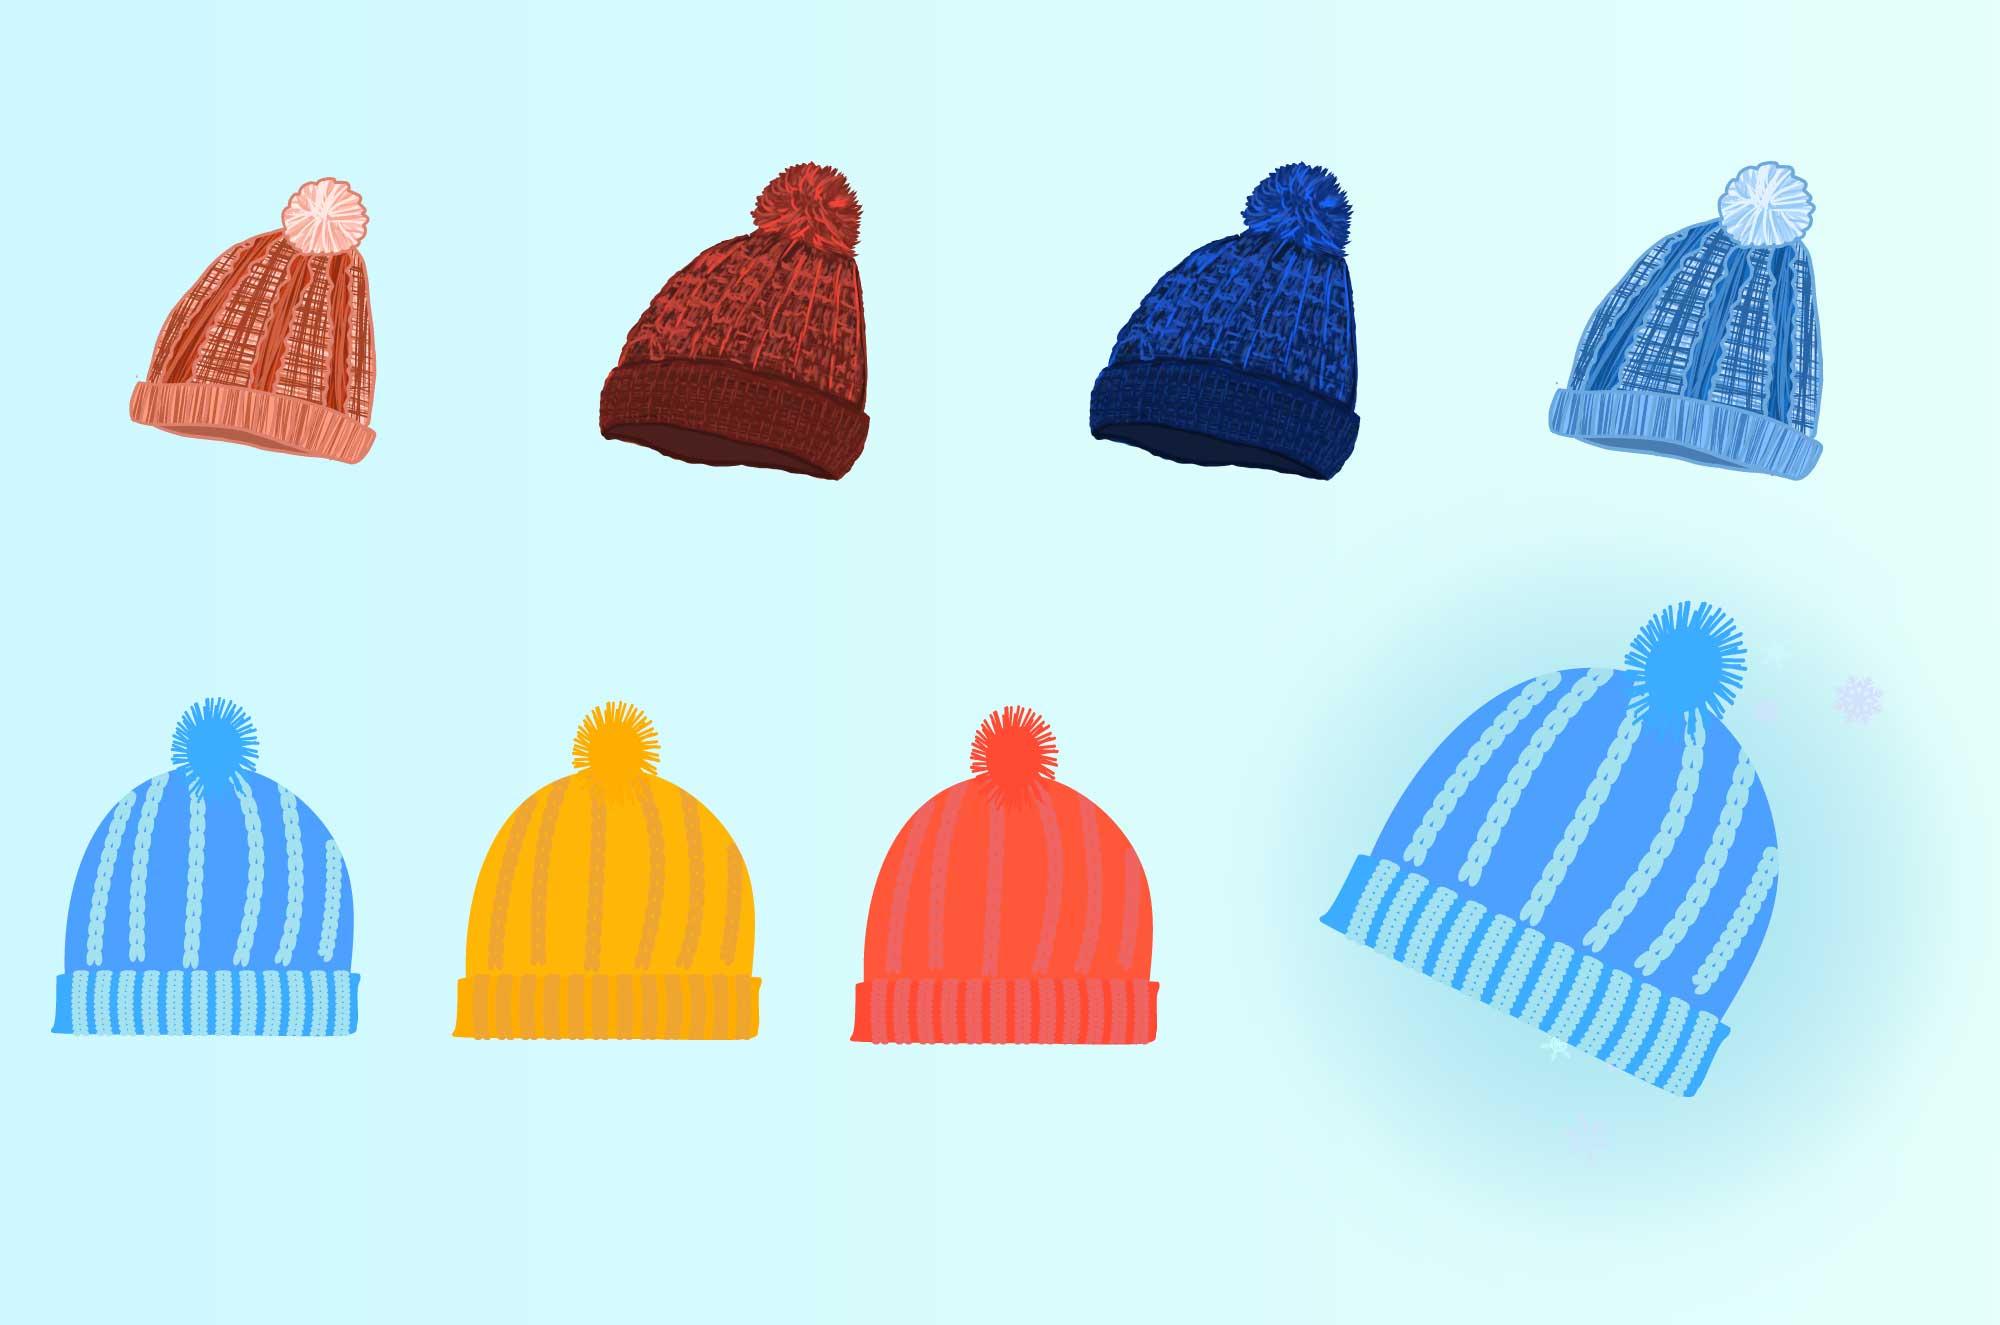 毛糸の帽子のフリーイラスト - 冬・季節の衣服無料素材